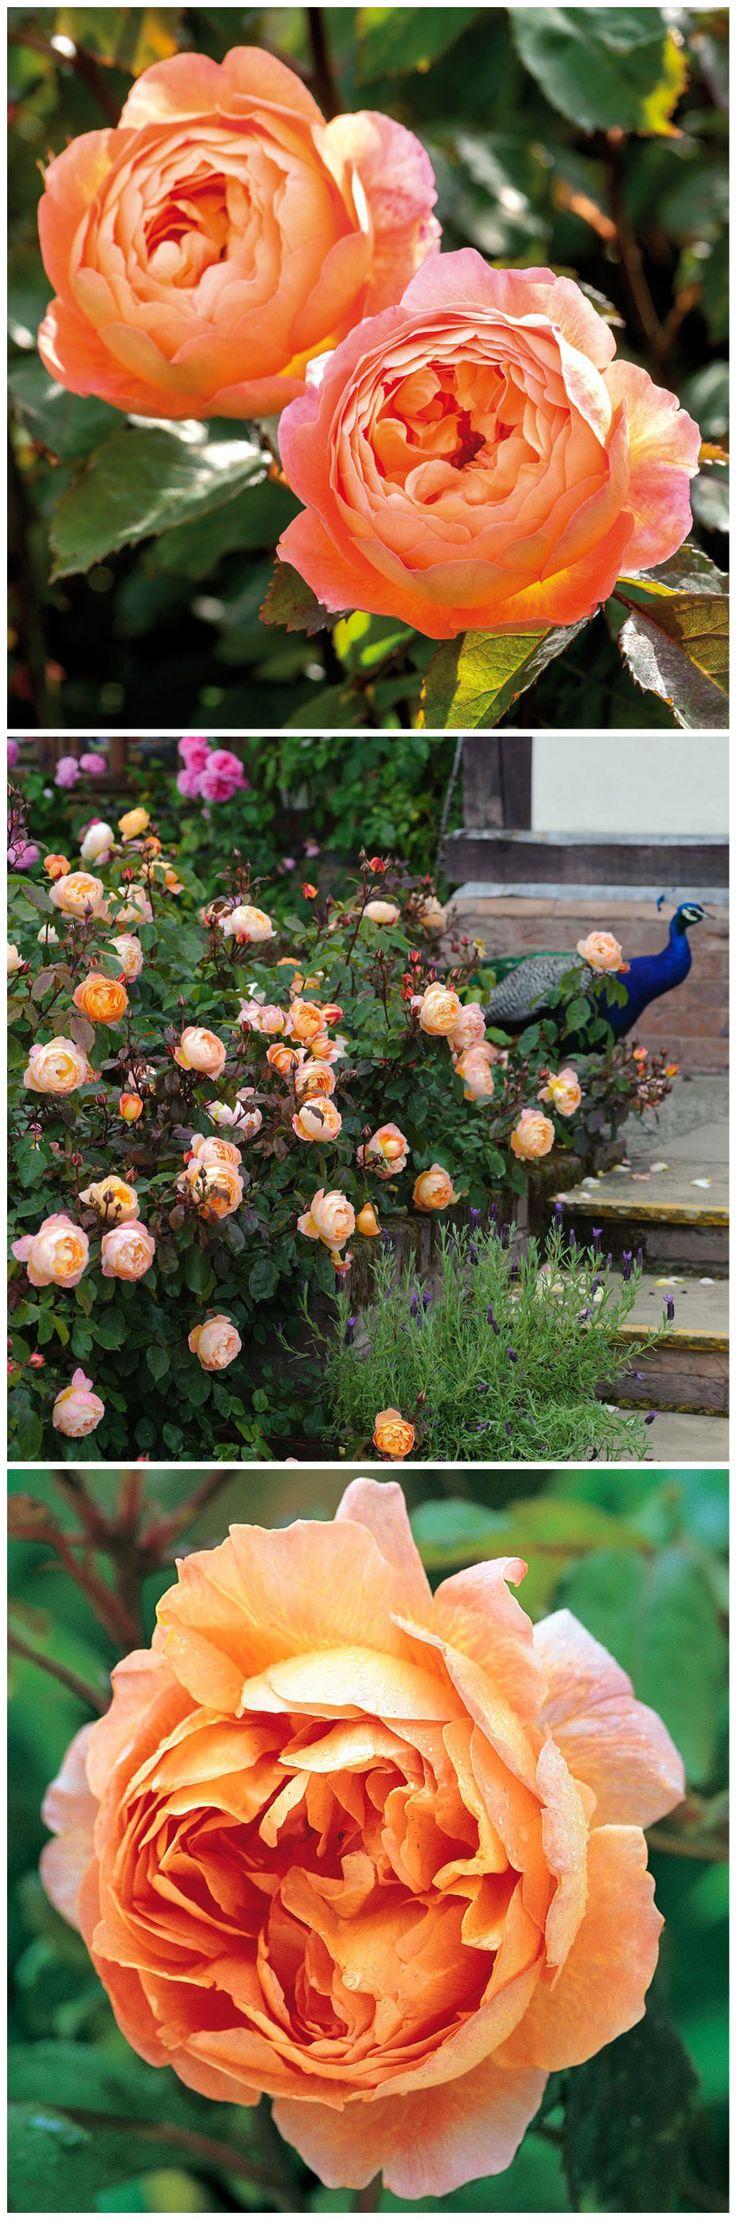 Simple Die Englische Rosen Lady Emma Hamilton Ausbrother gl nzt mit orangefarbenen Bl ten und einem